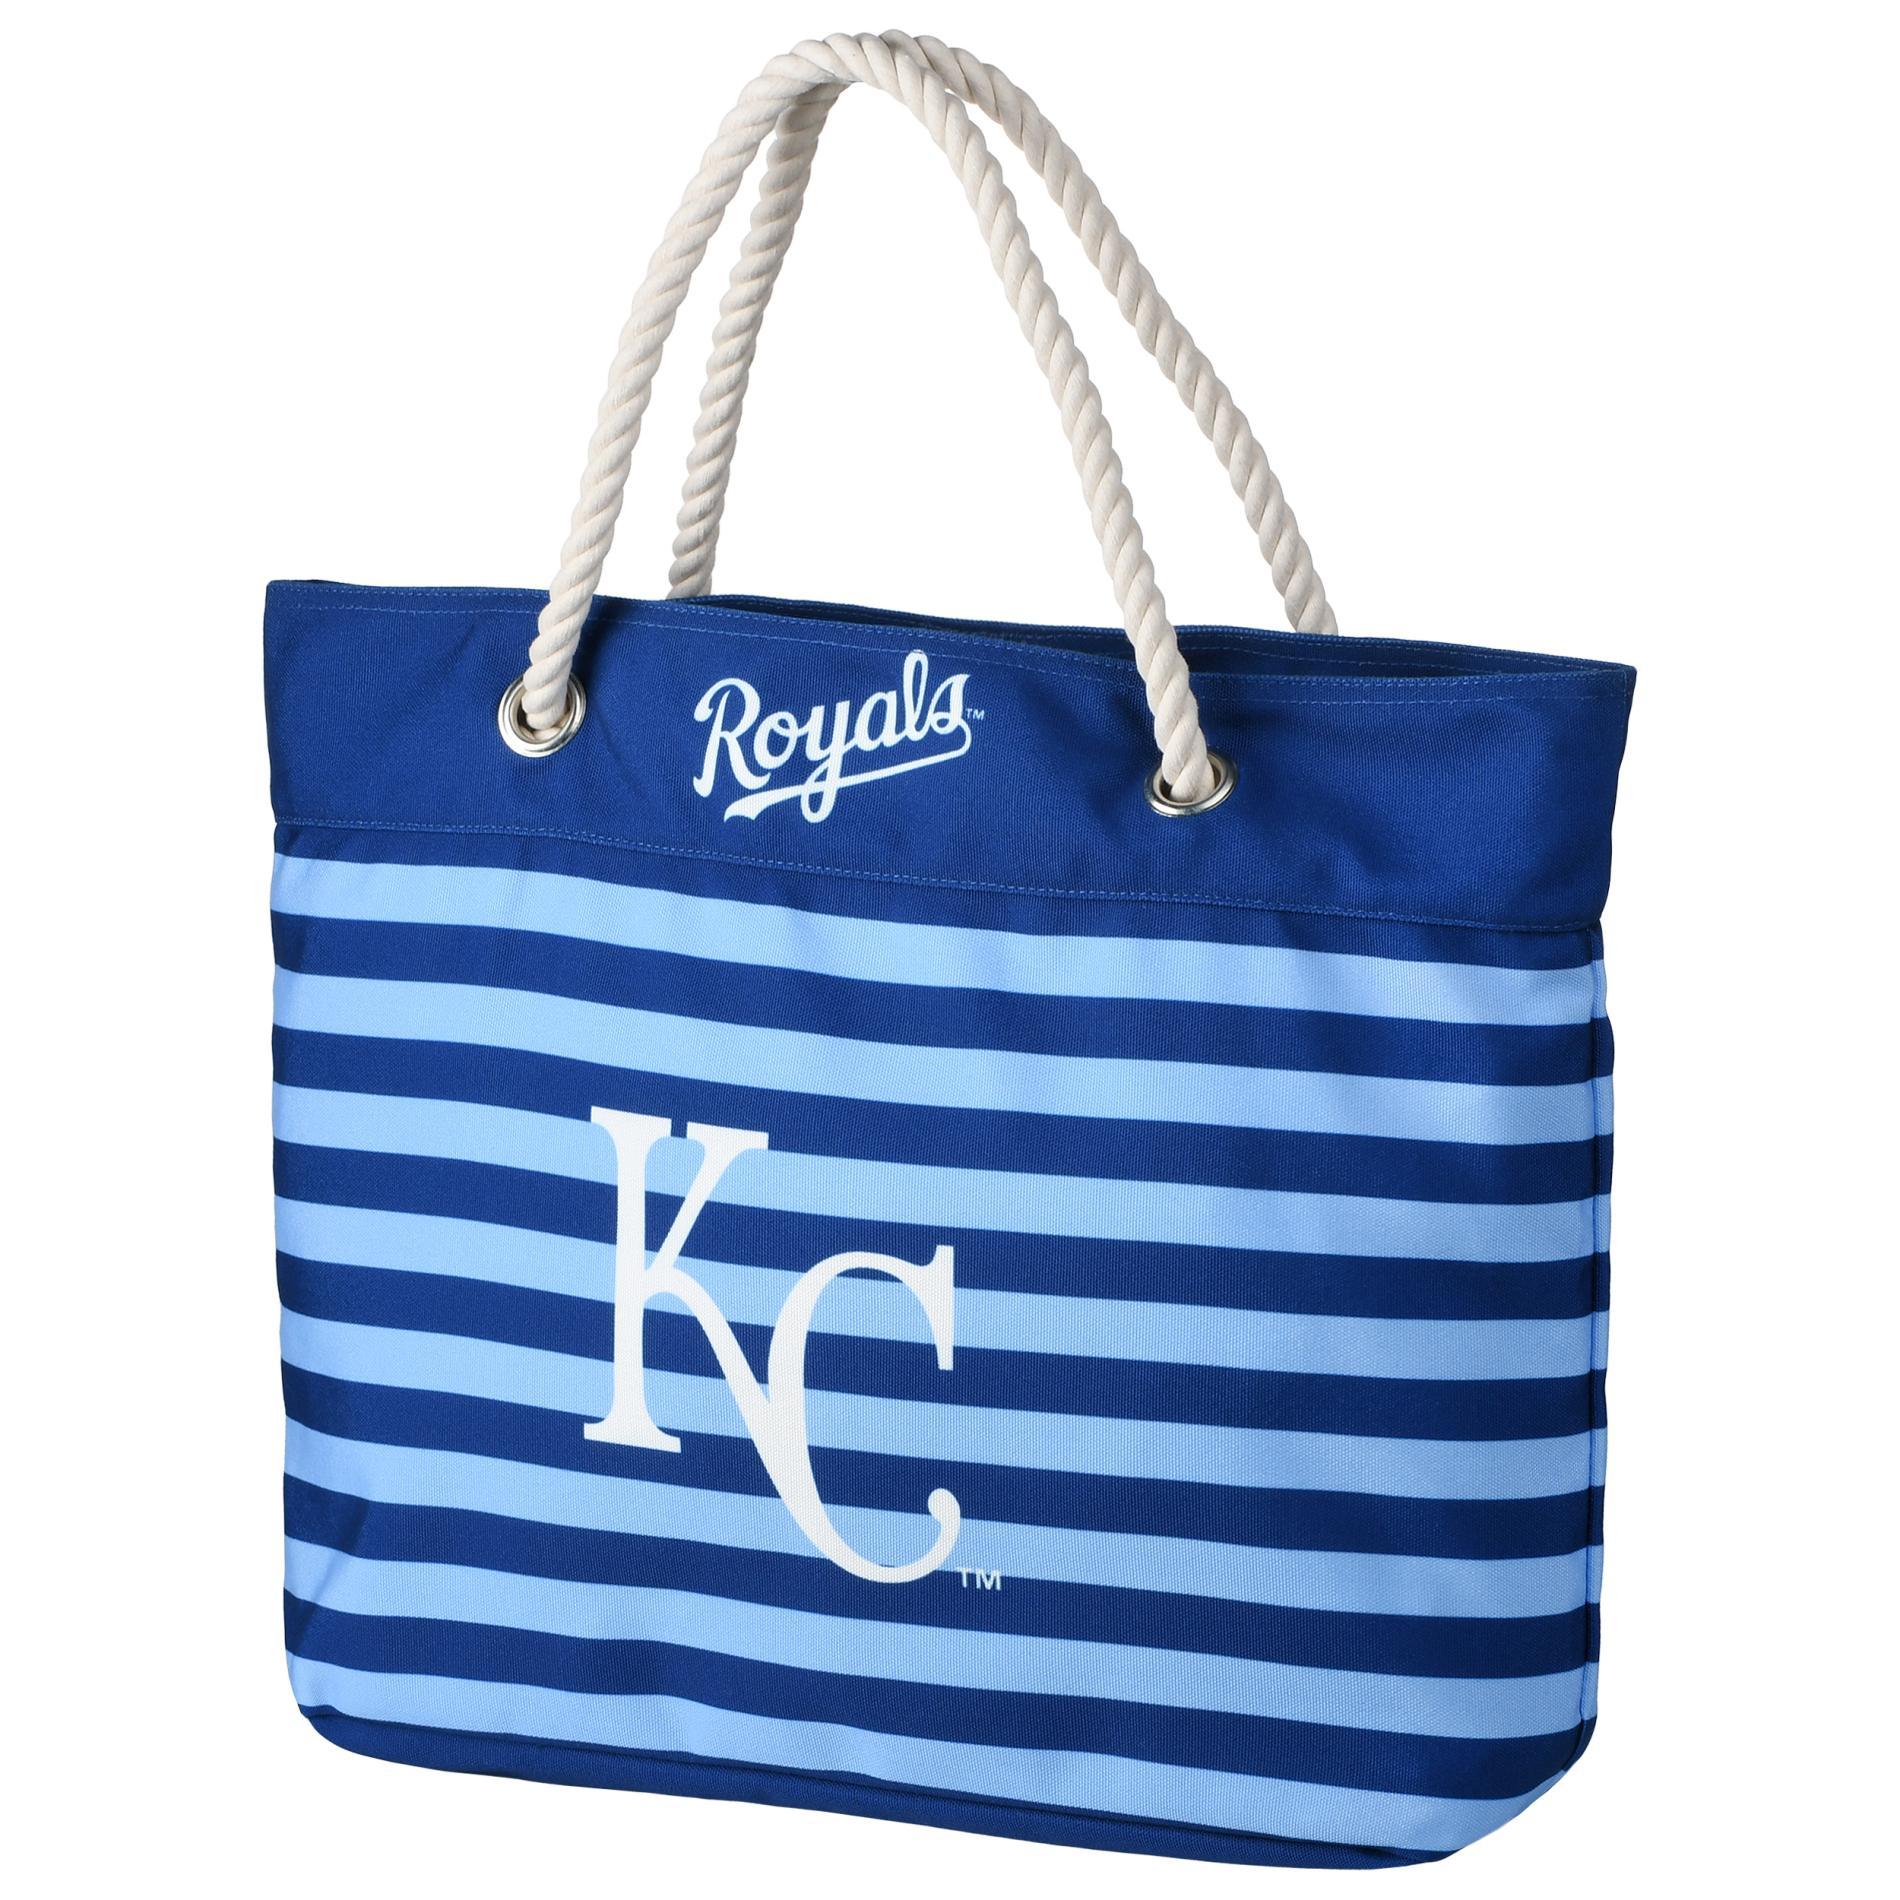 Mlb Striped Tote Bag Kansas City Royals